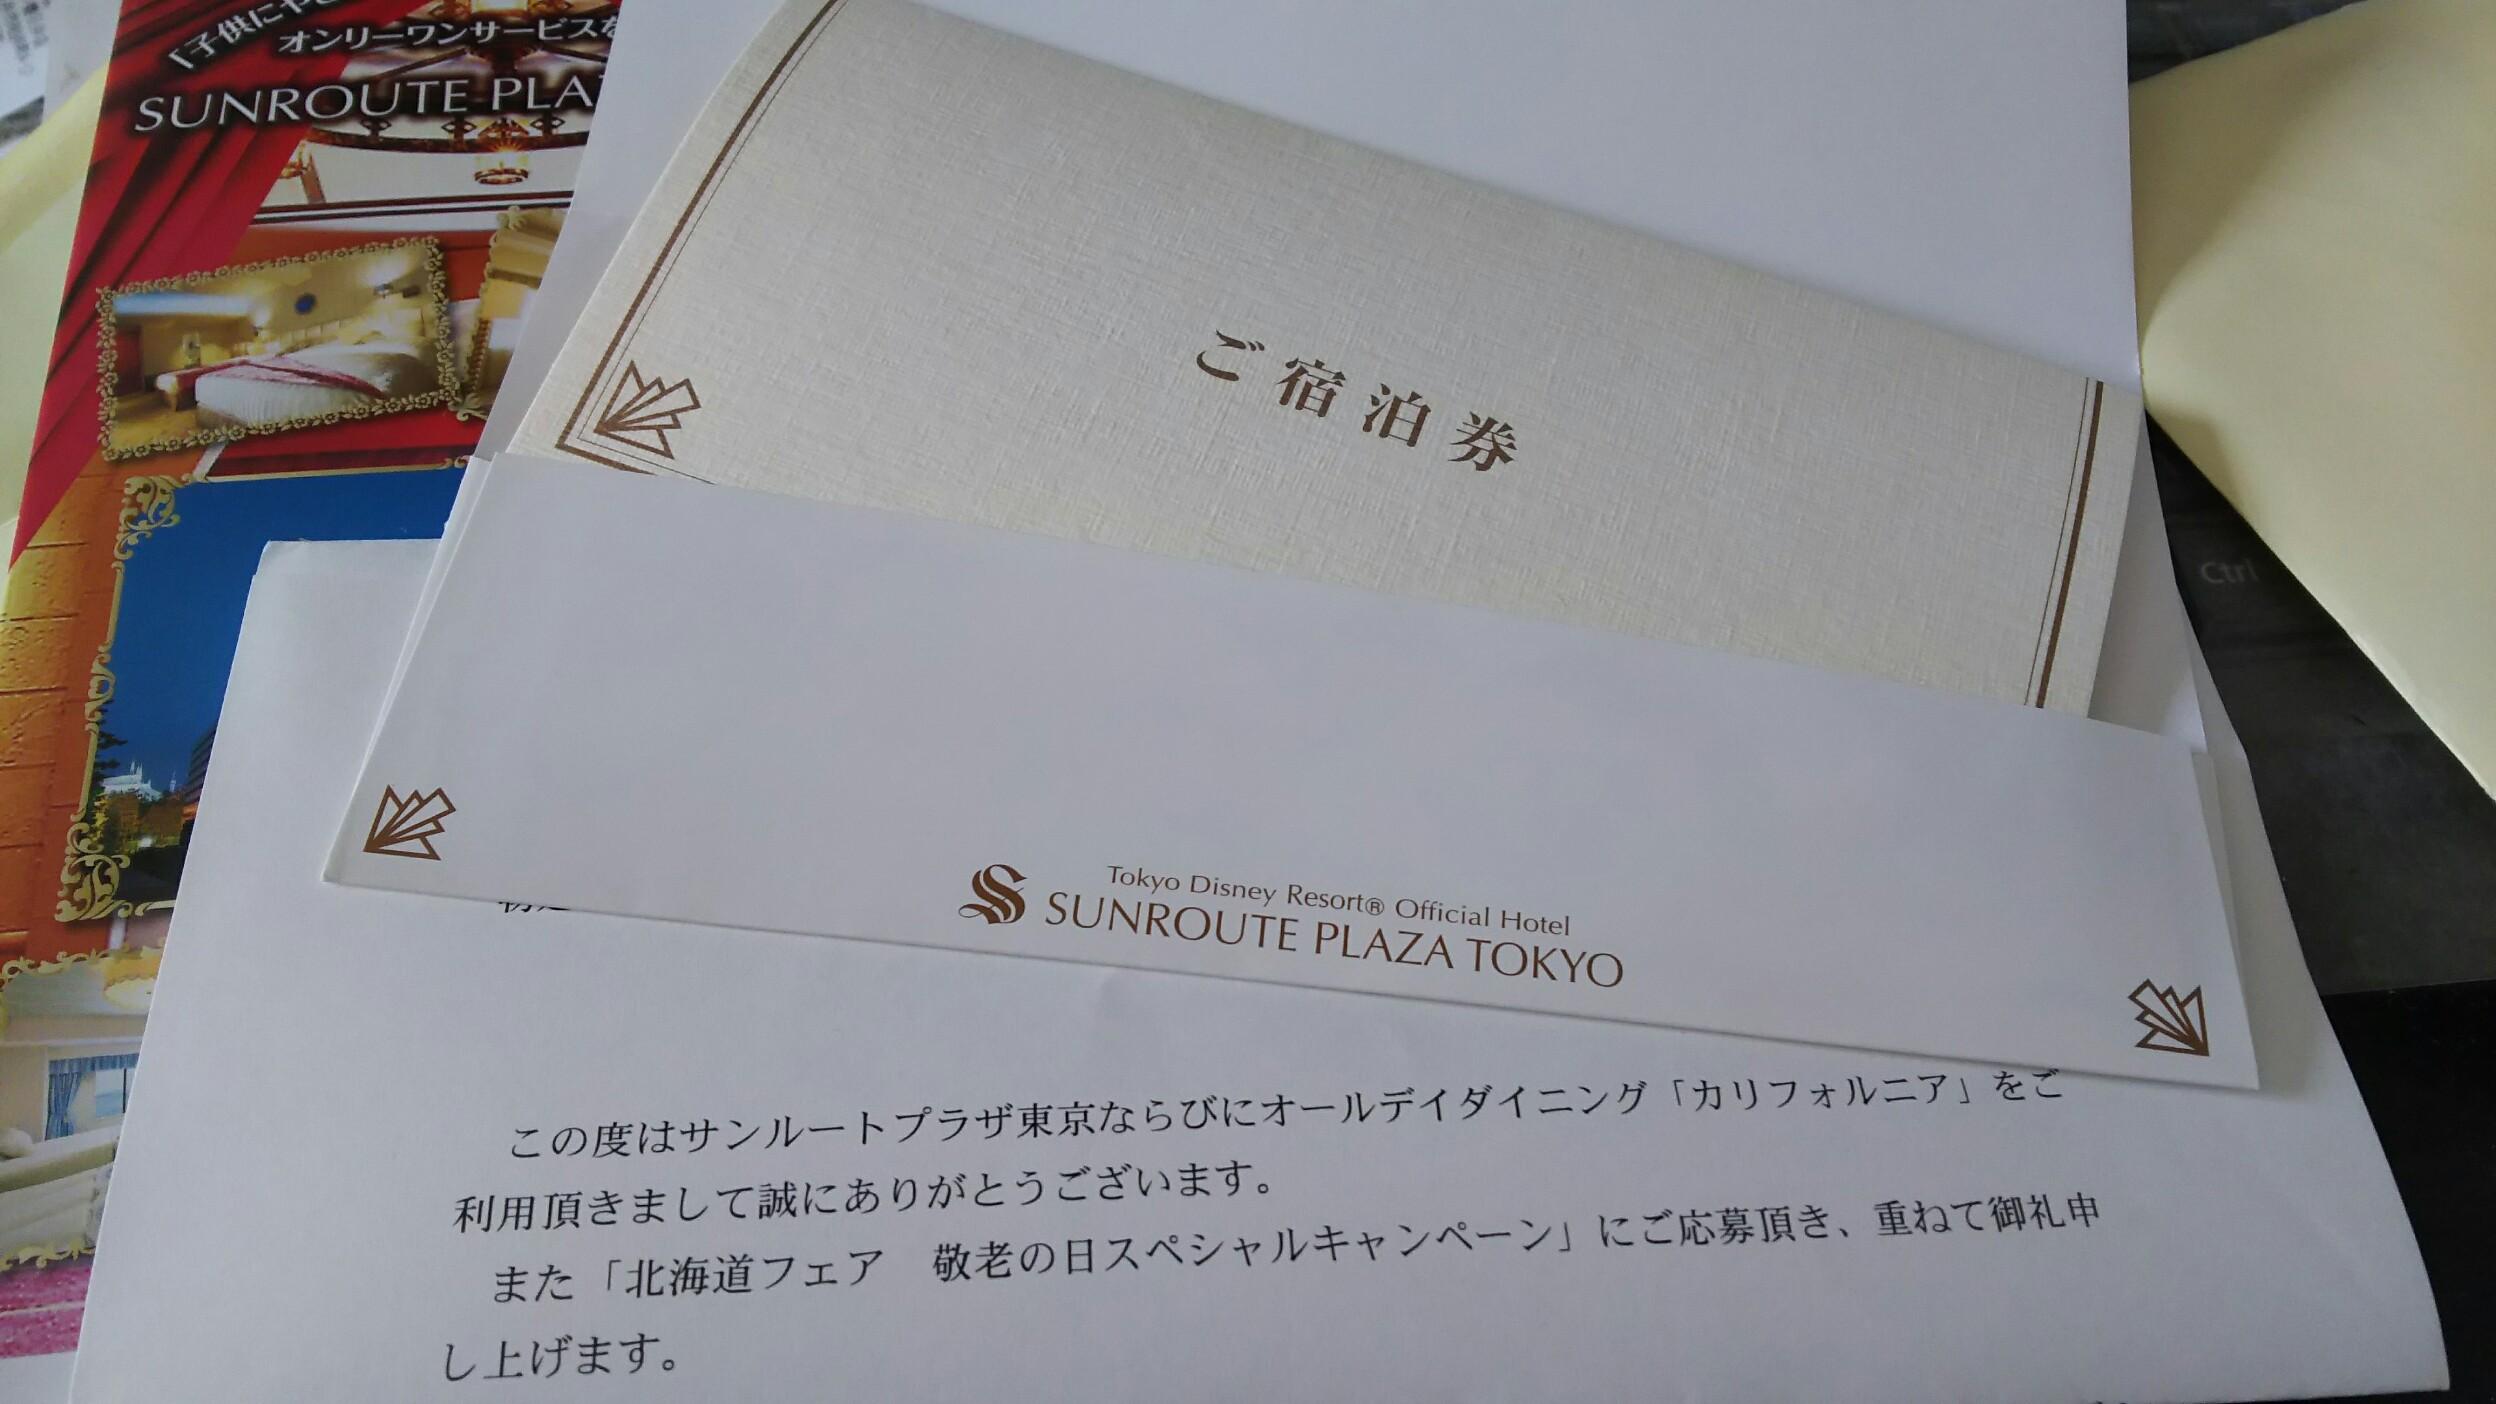 サンルートプラザ東京 ペア宿泊券! | kisとmcの日記 - 楽天ブログ